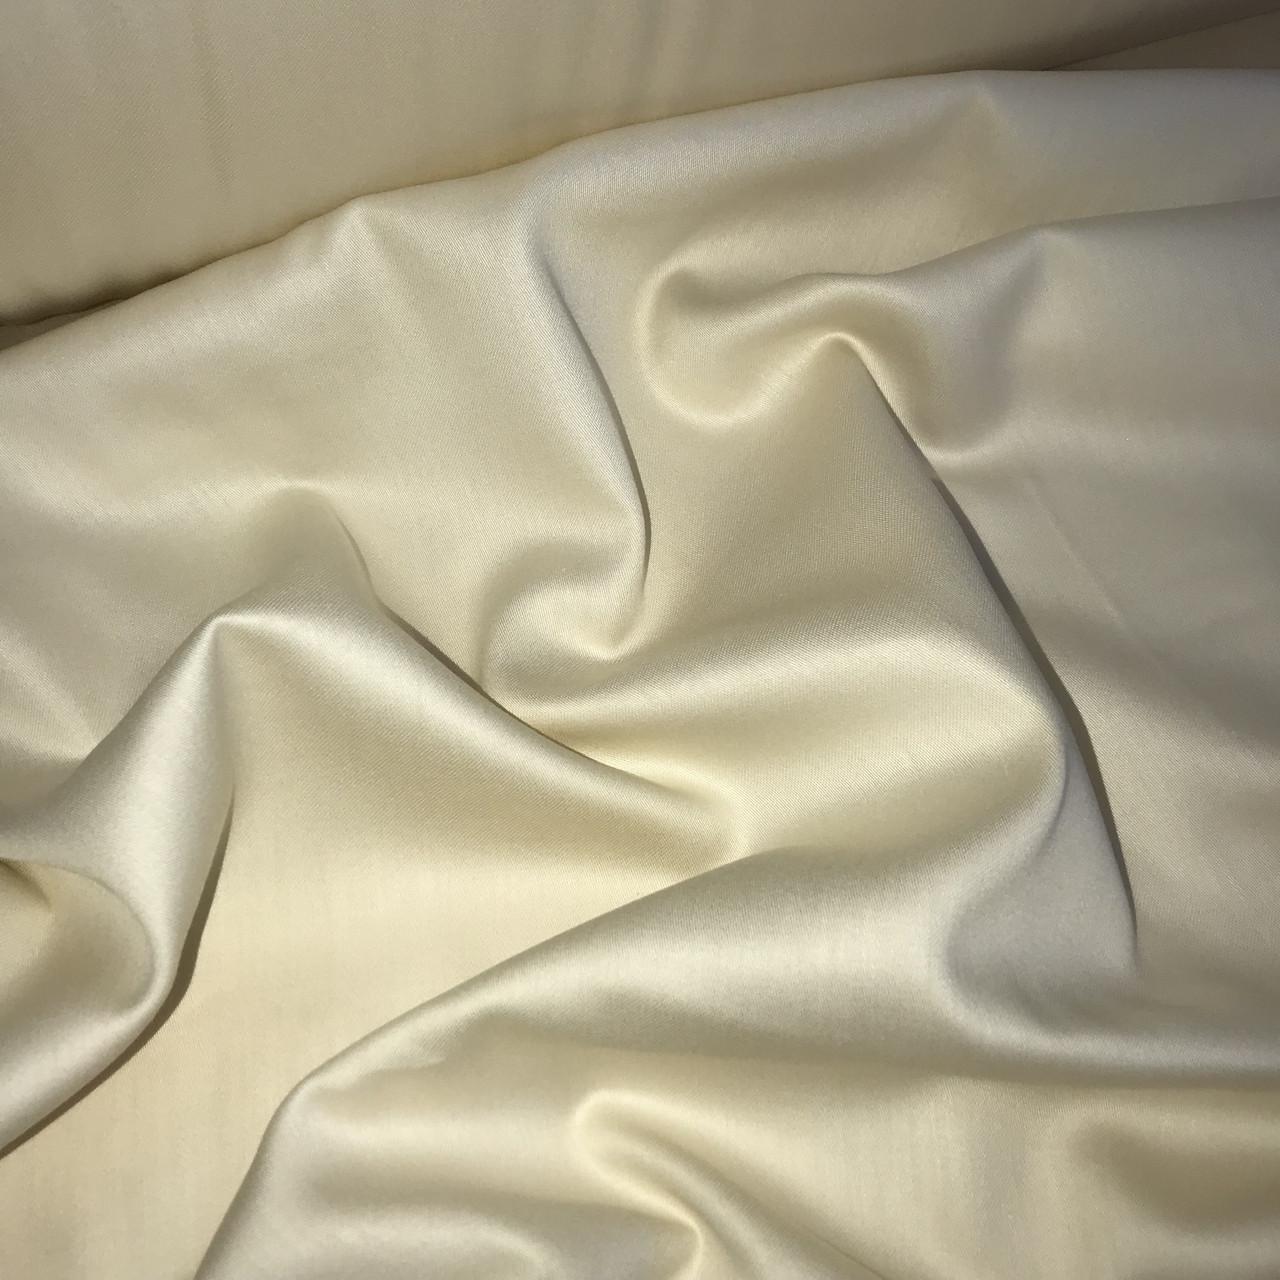 Сатин слоновая кость для постельного белья, мерсеризованный  (ТУРЦИЯ шир. 2,4 м) № 31-55s